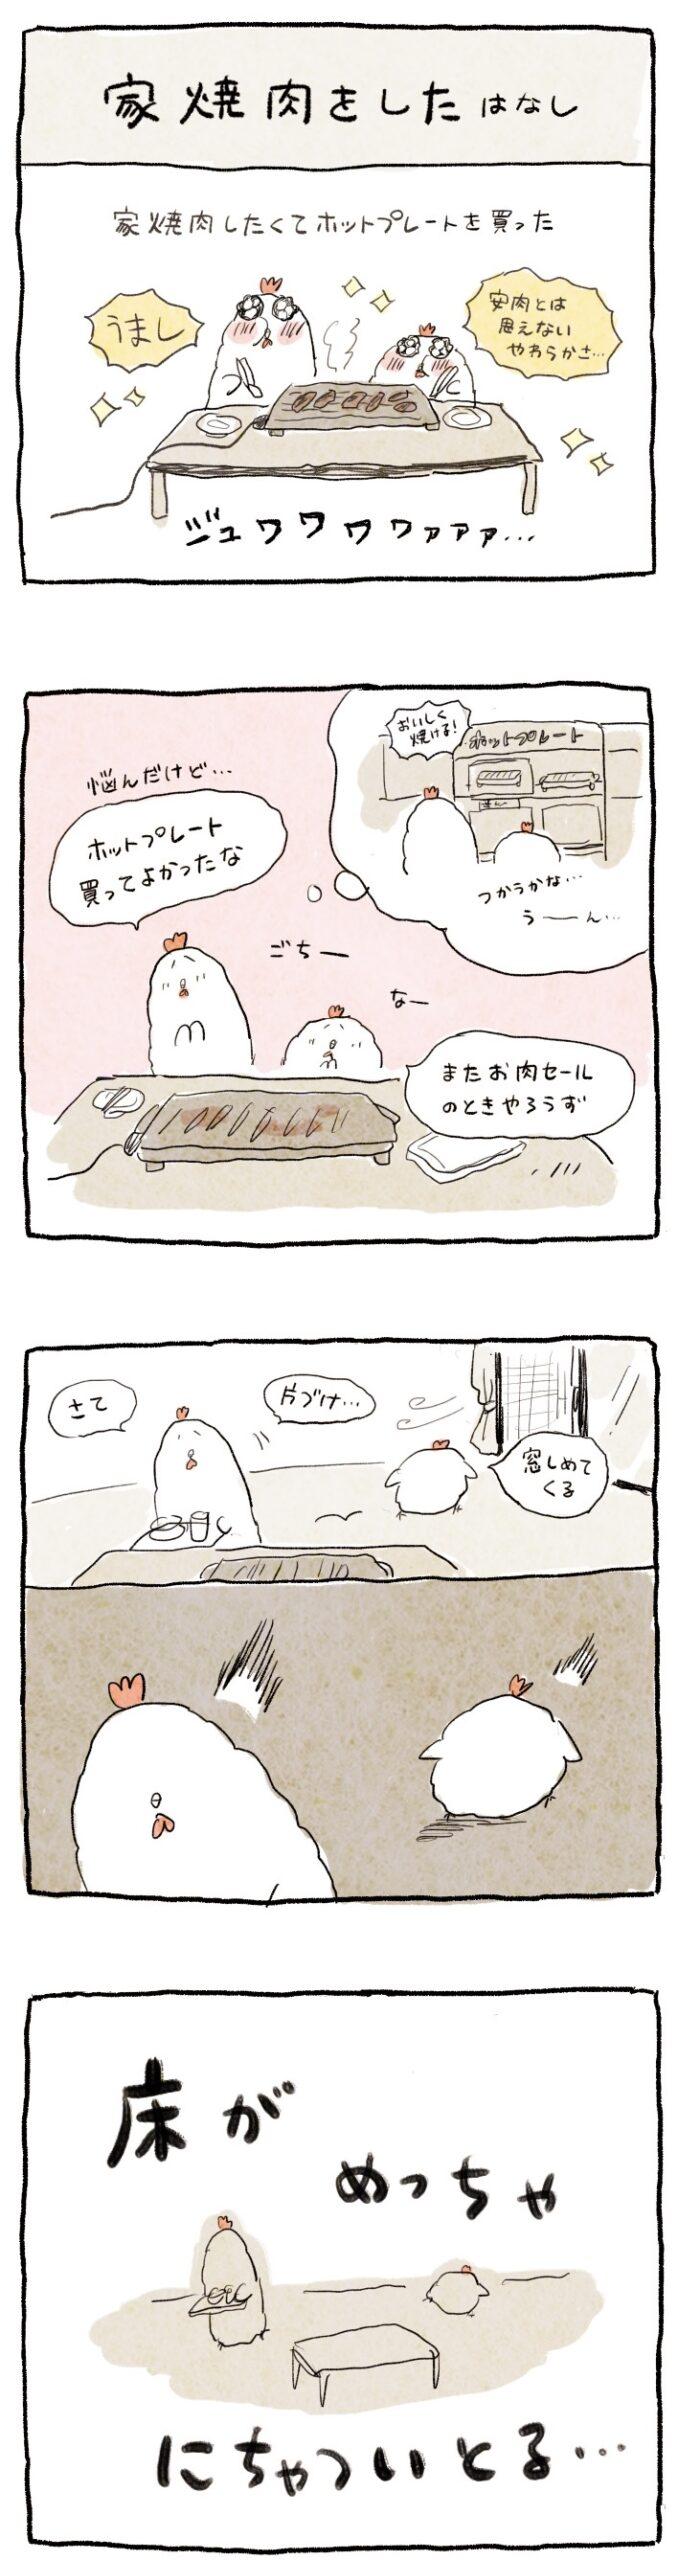 日常漫画_20210807_1